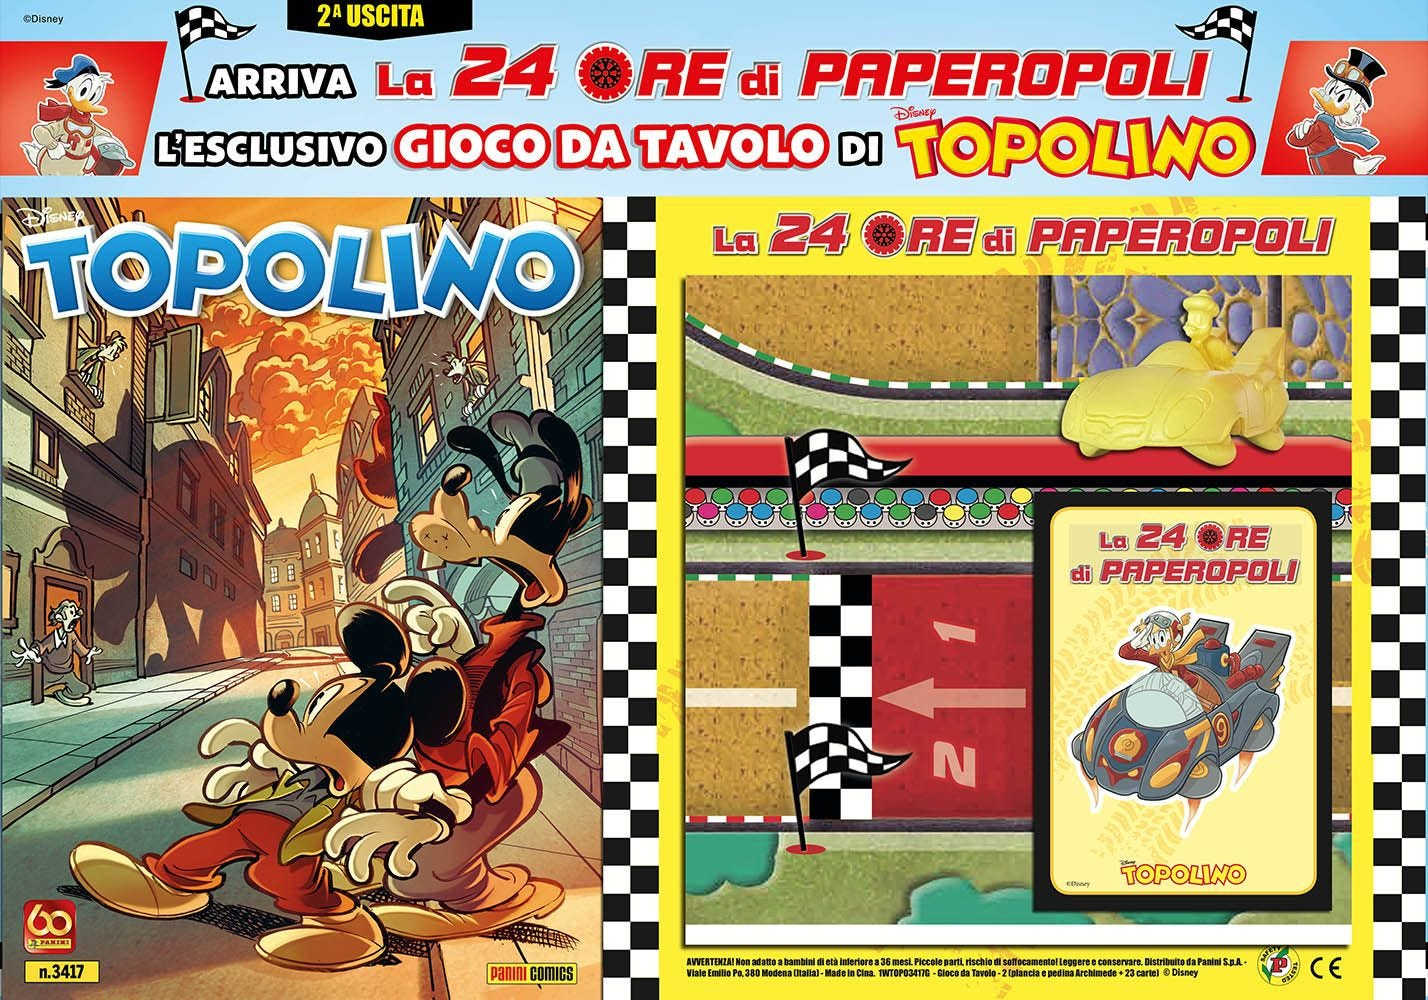 Topolino 3417 con gadget Topolino magazines